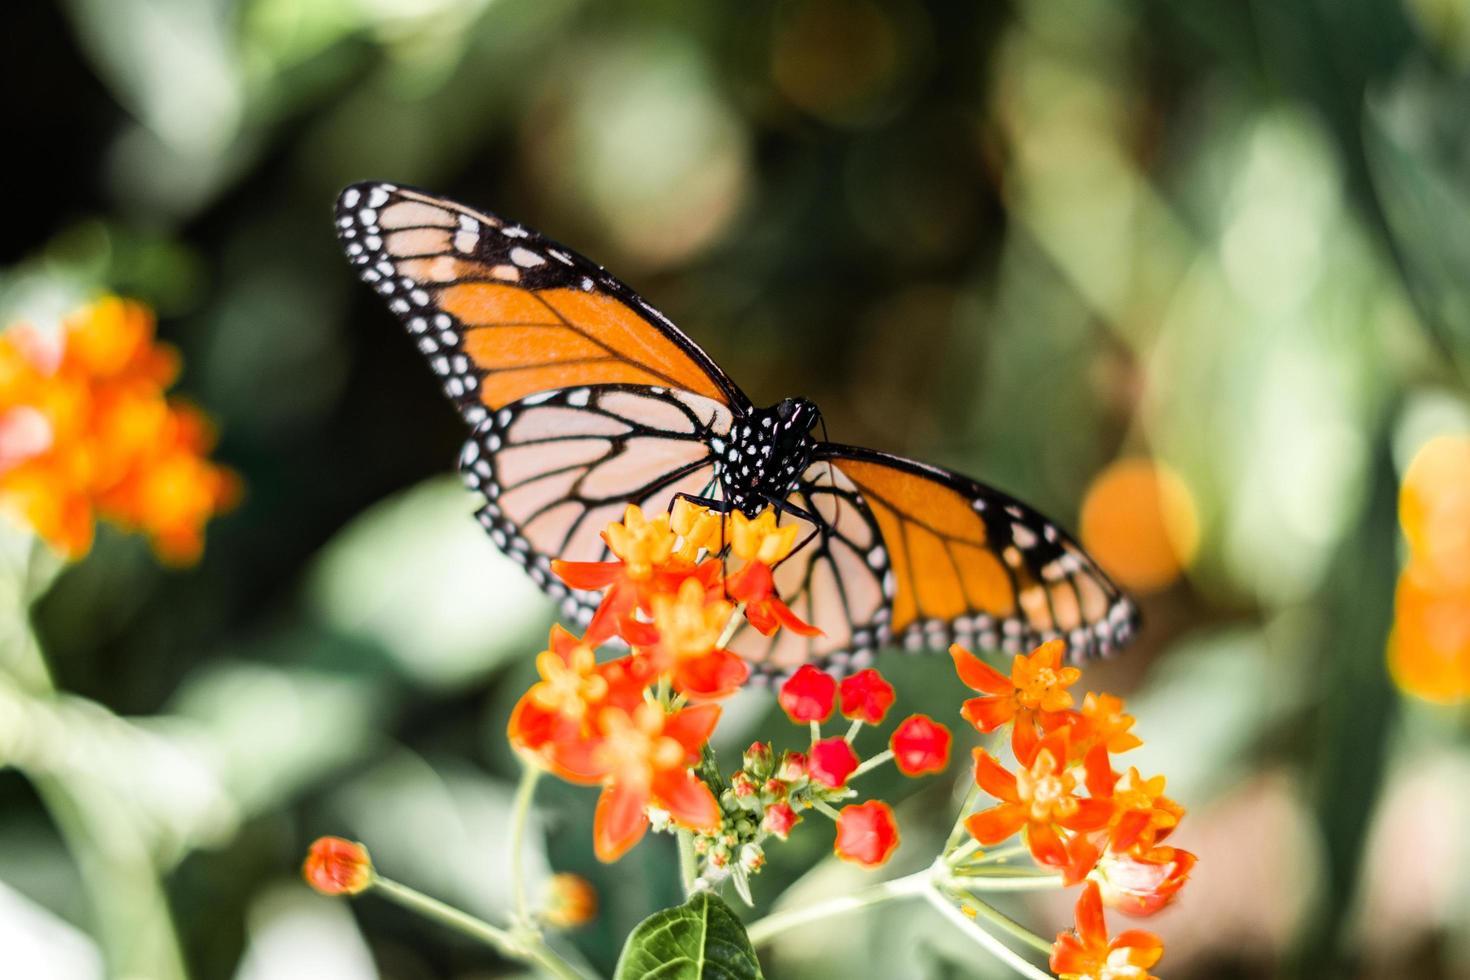 farfalla arancione e nera sui fiori foto